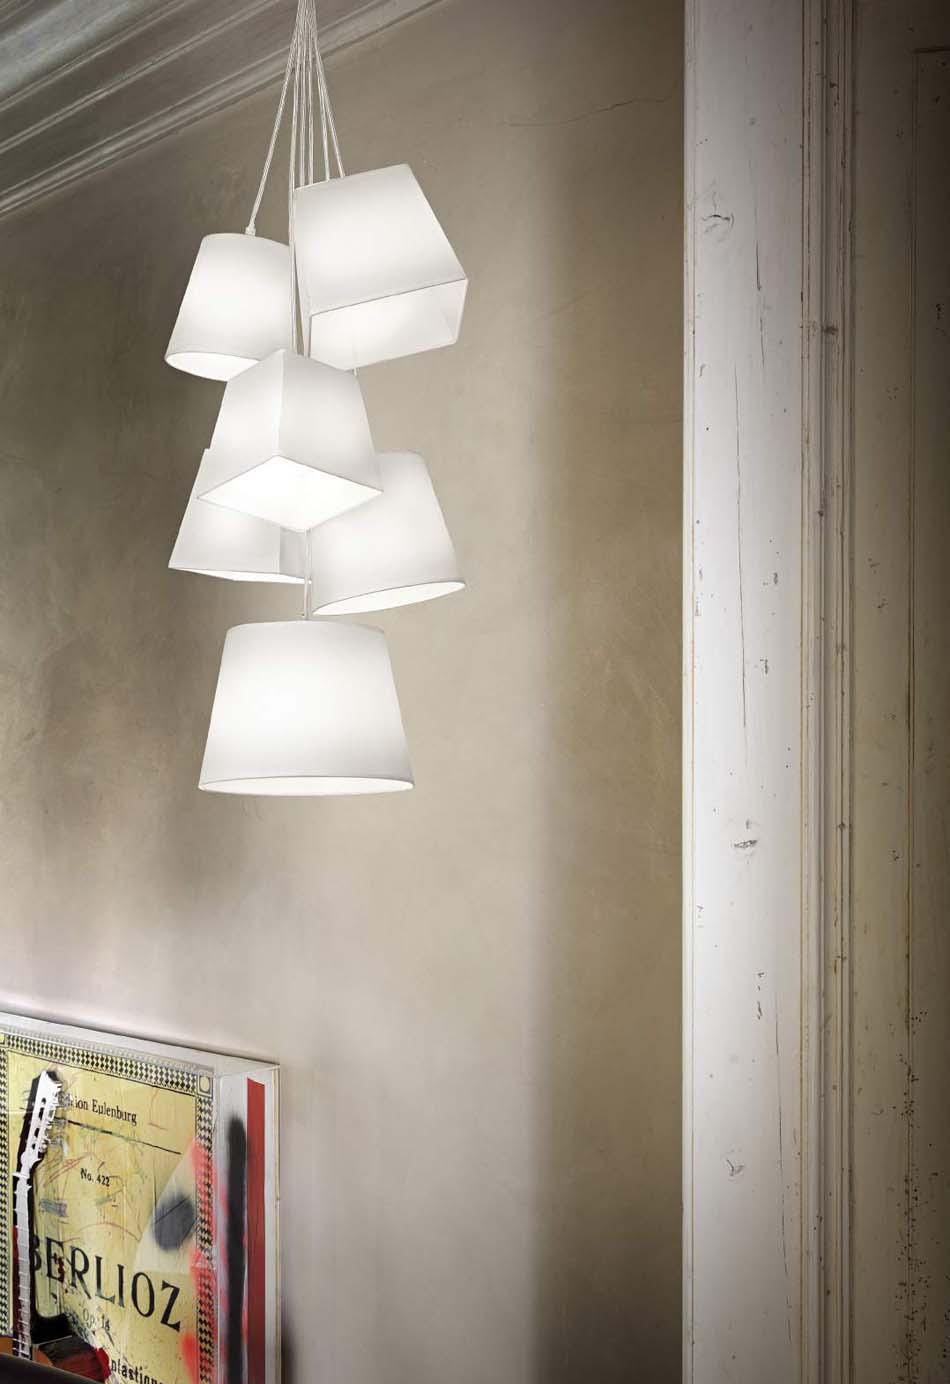 Lampade sospensione Ideal Lux Hats – Bruni Arredamenti